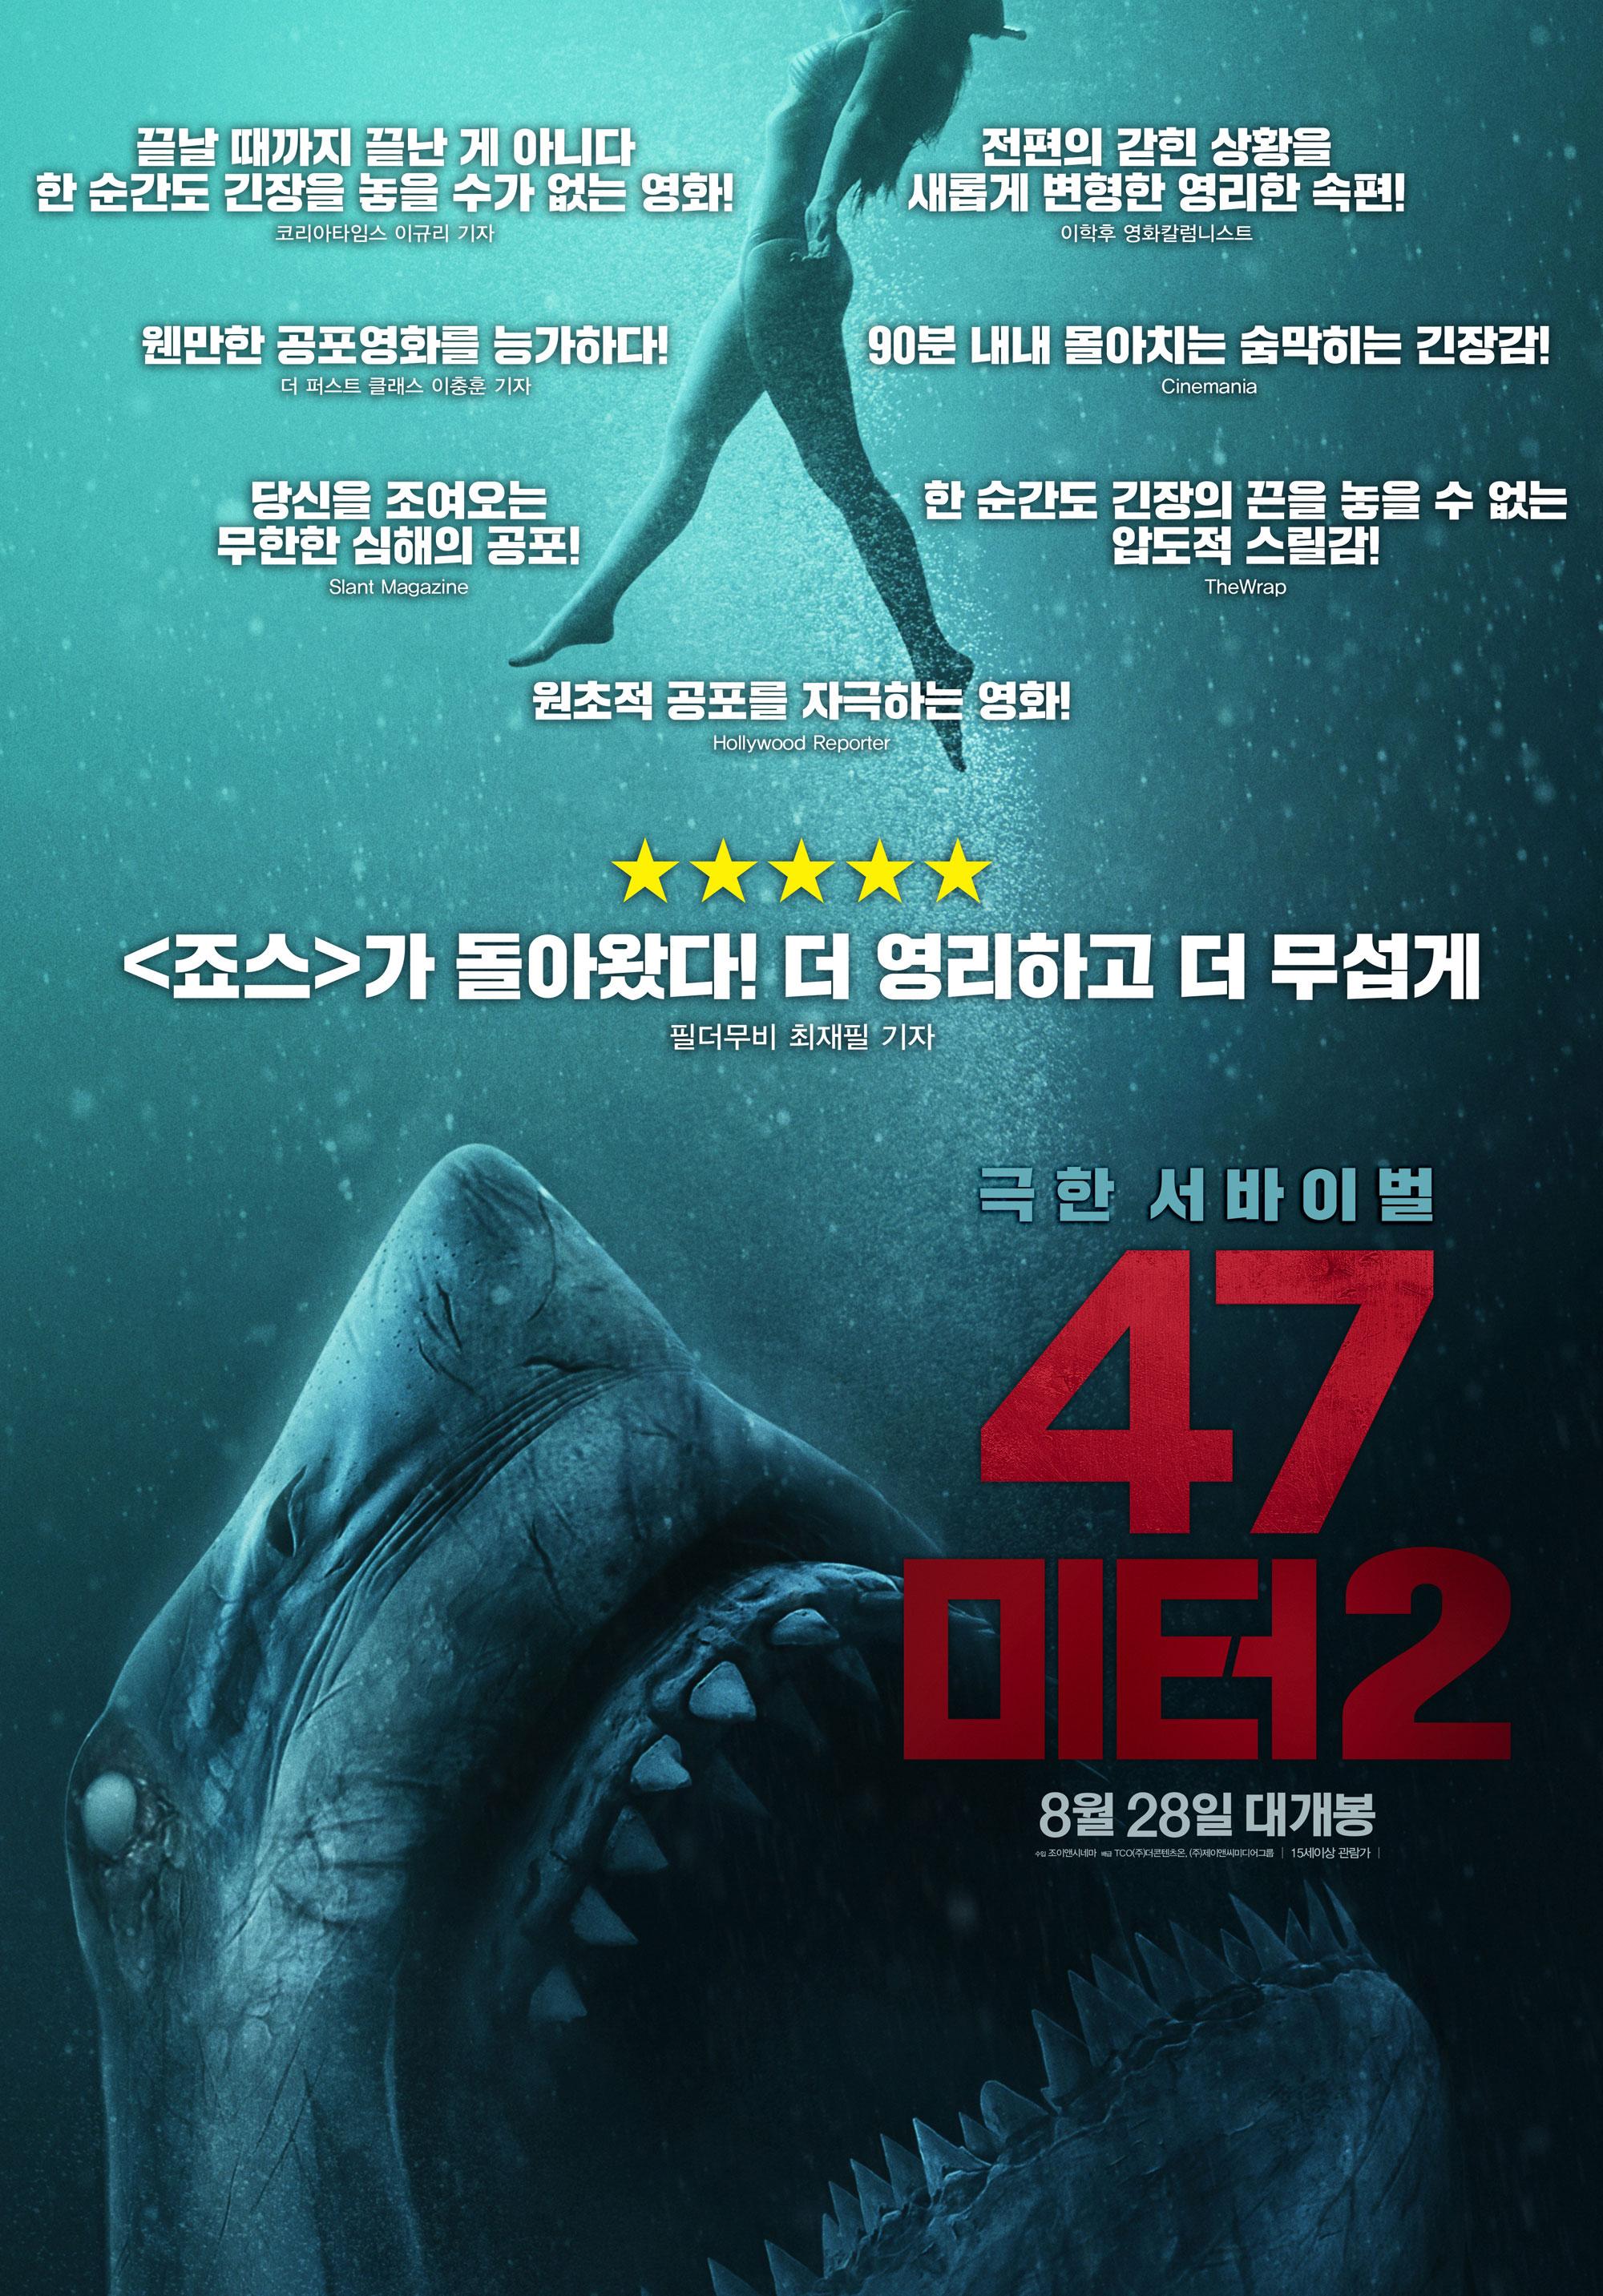 2019 英国《鲨海逃生》讲述4个青少年潜水进入了一个失落的水下城市